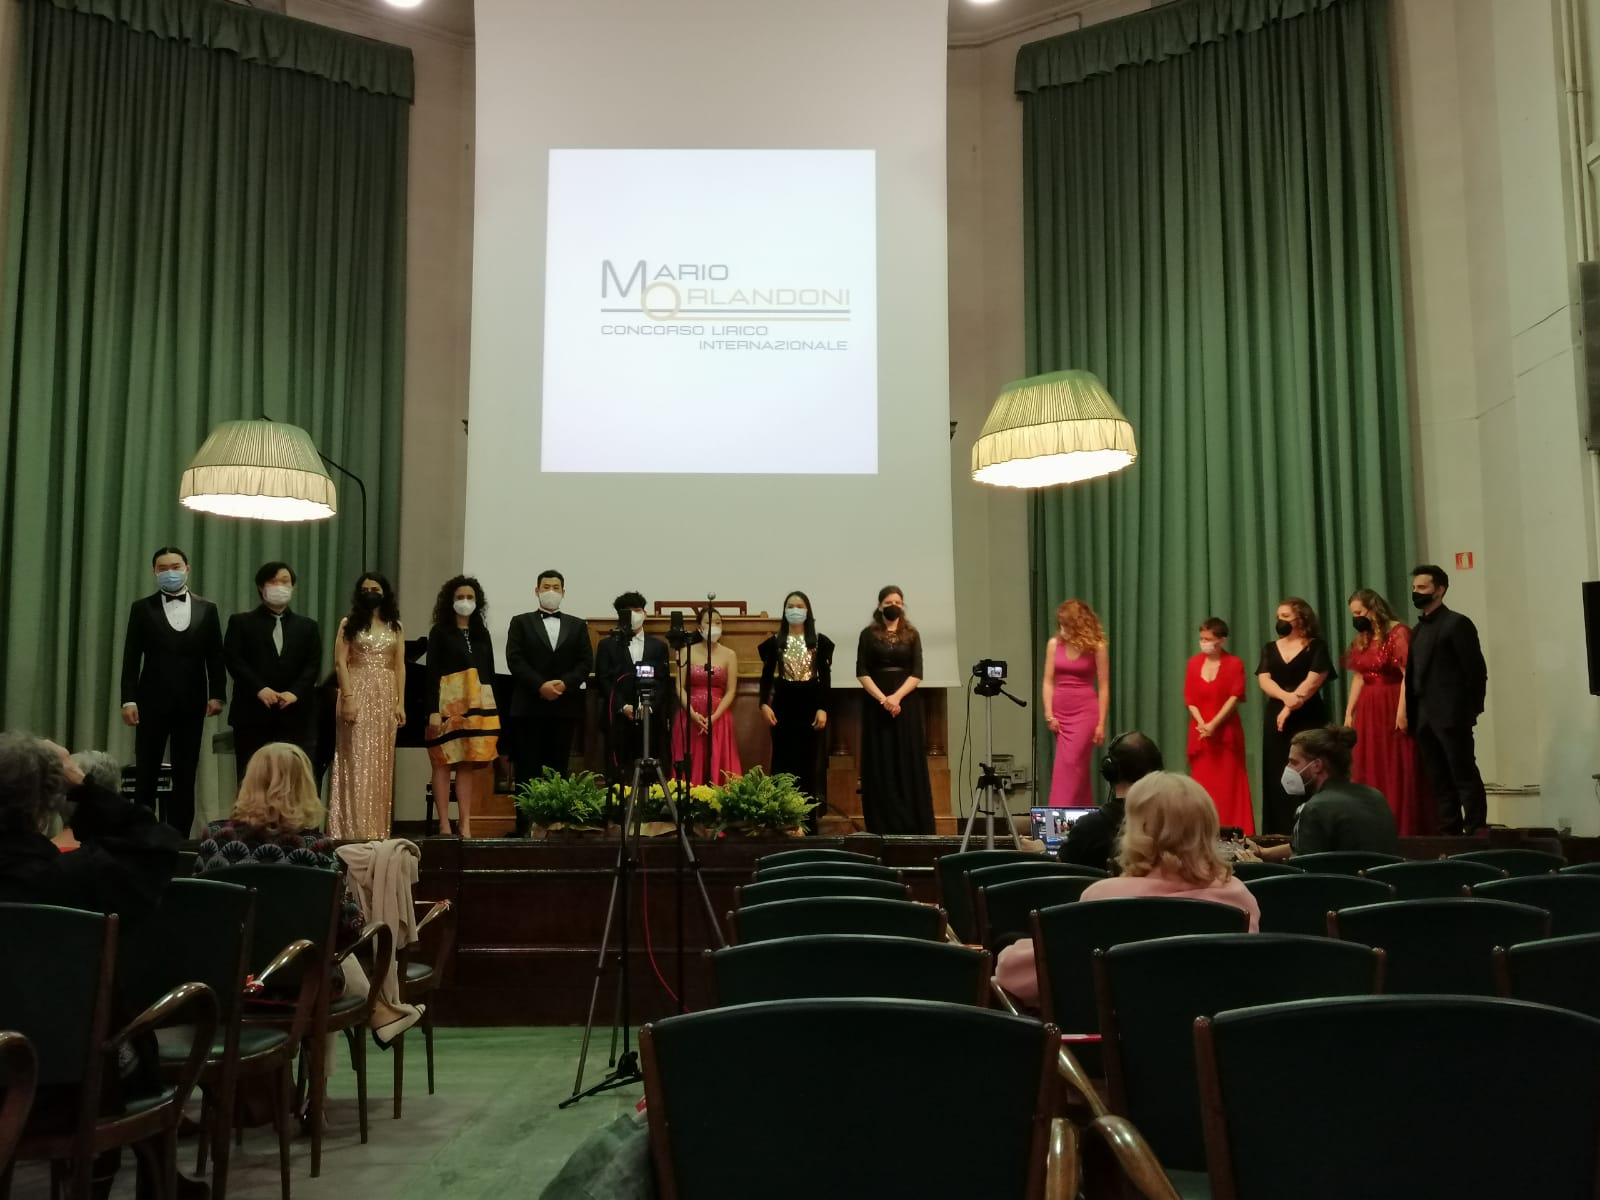 finalisti del Concorso Orlandoni